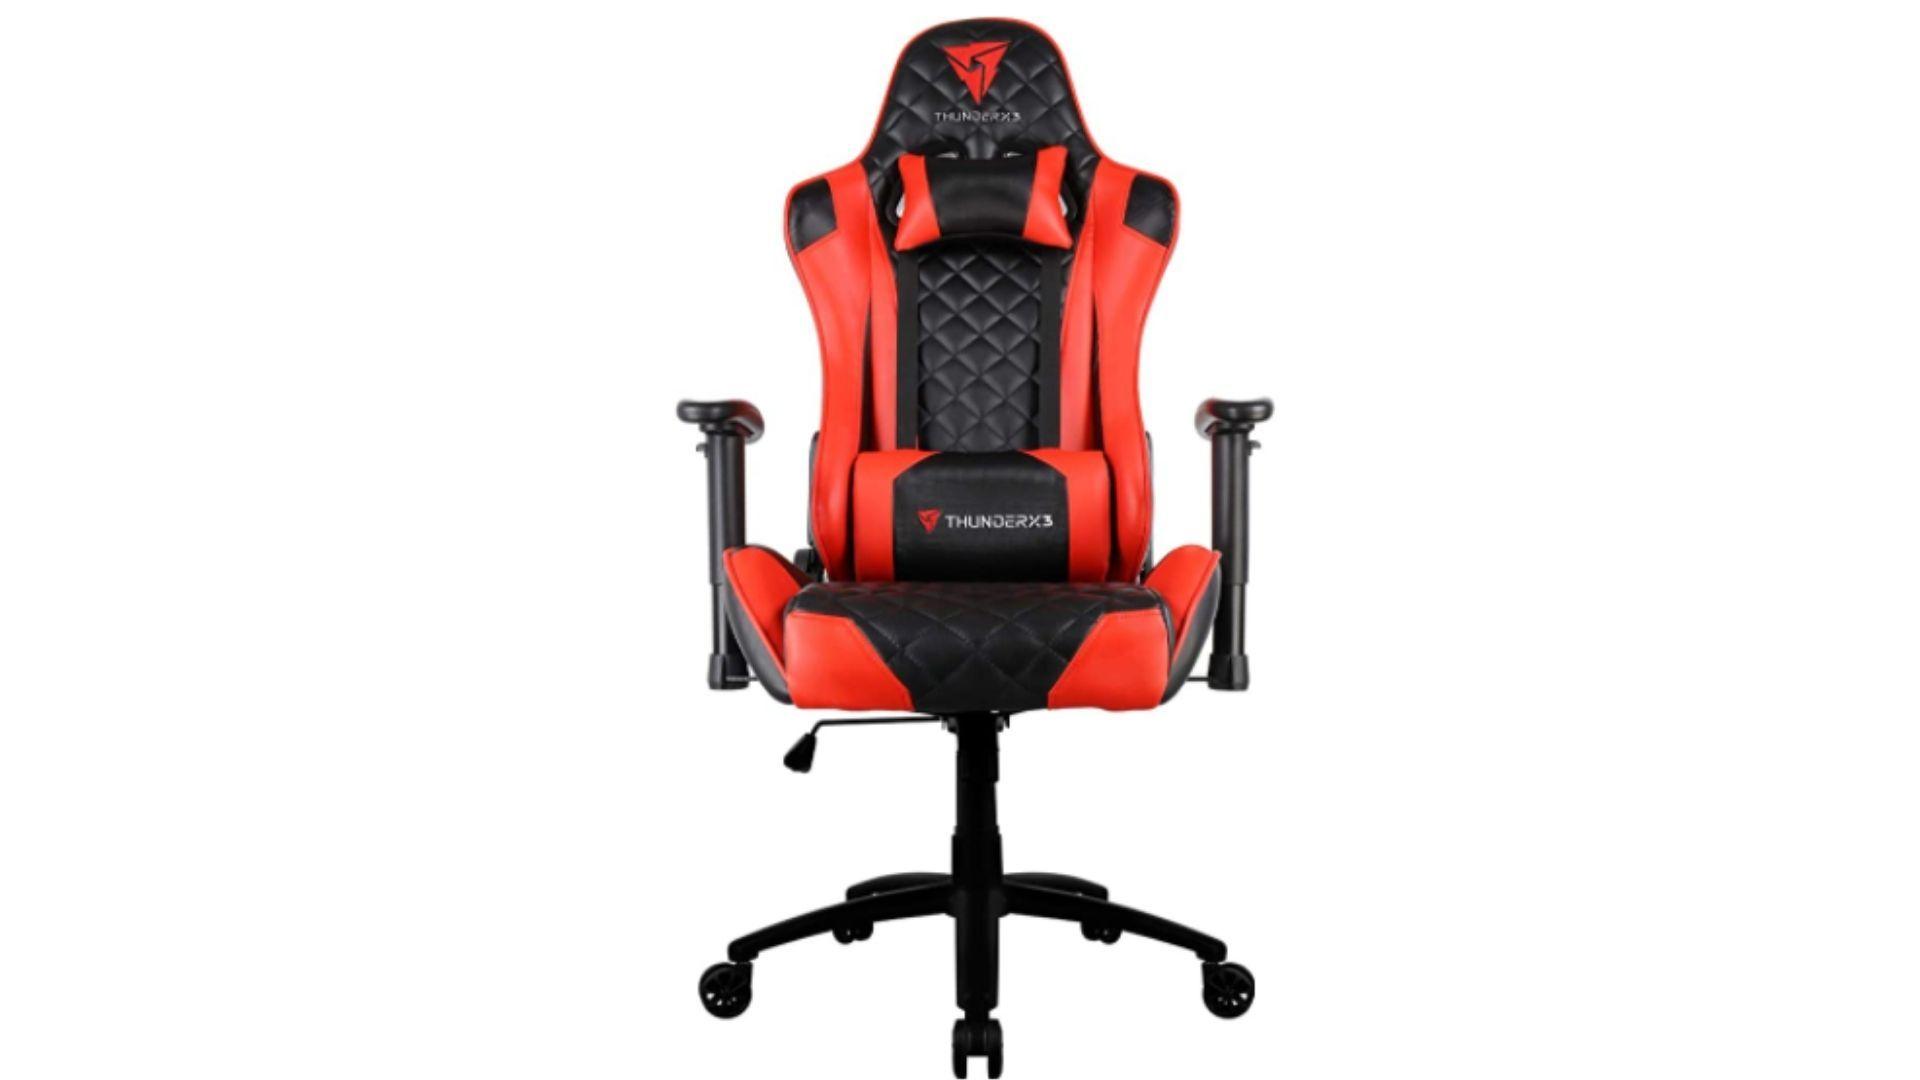 A ThunderX3 TGC12 entra na lista de cadeira gamer vermelha e preta com valor acima de R$ 1.000 (Foto: Divulgação/ThunderX3)